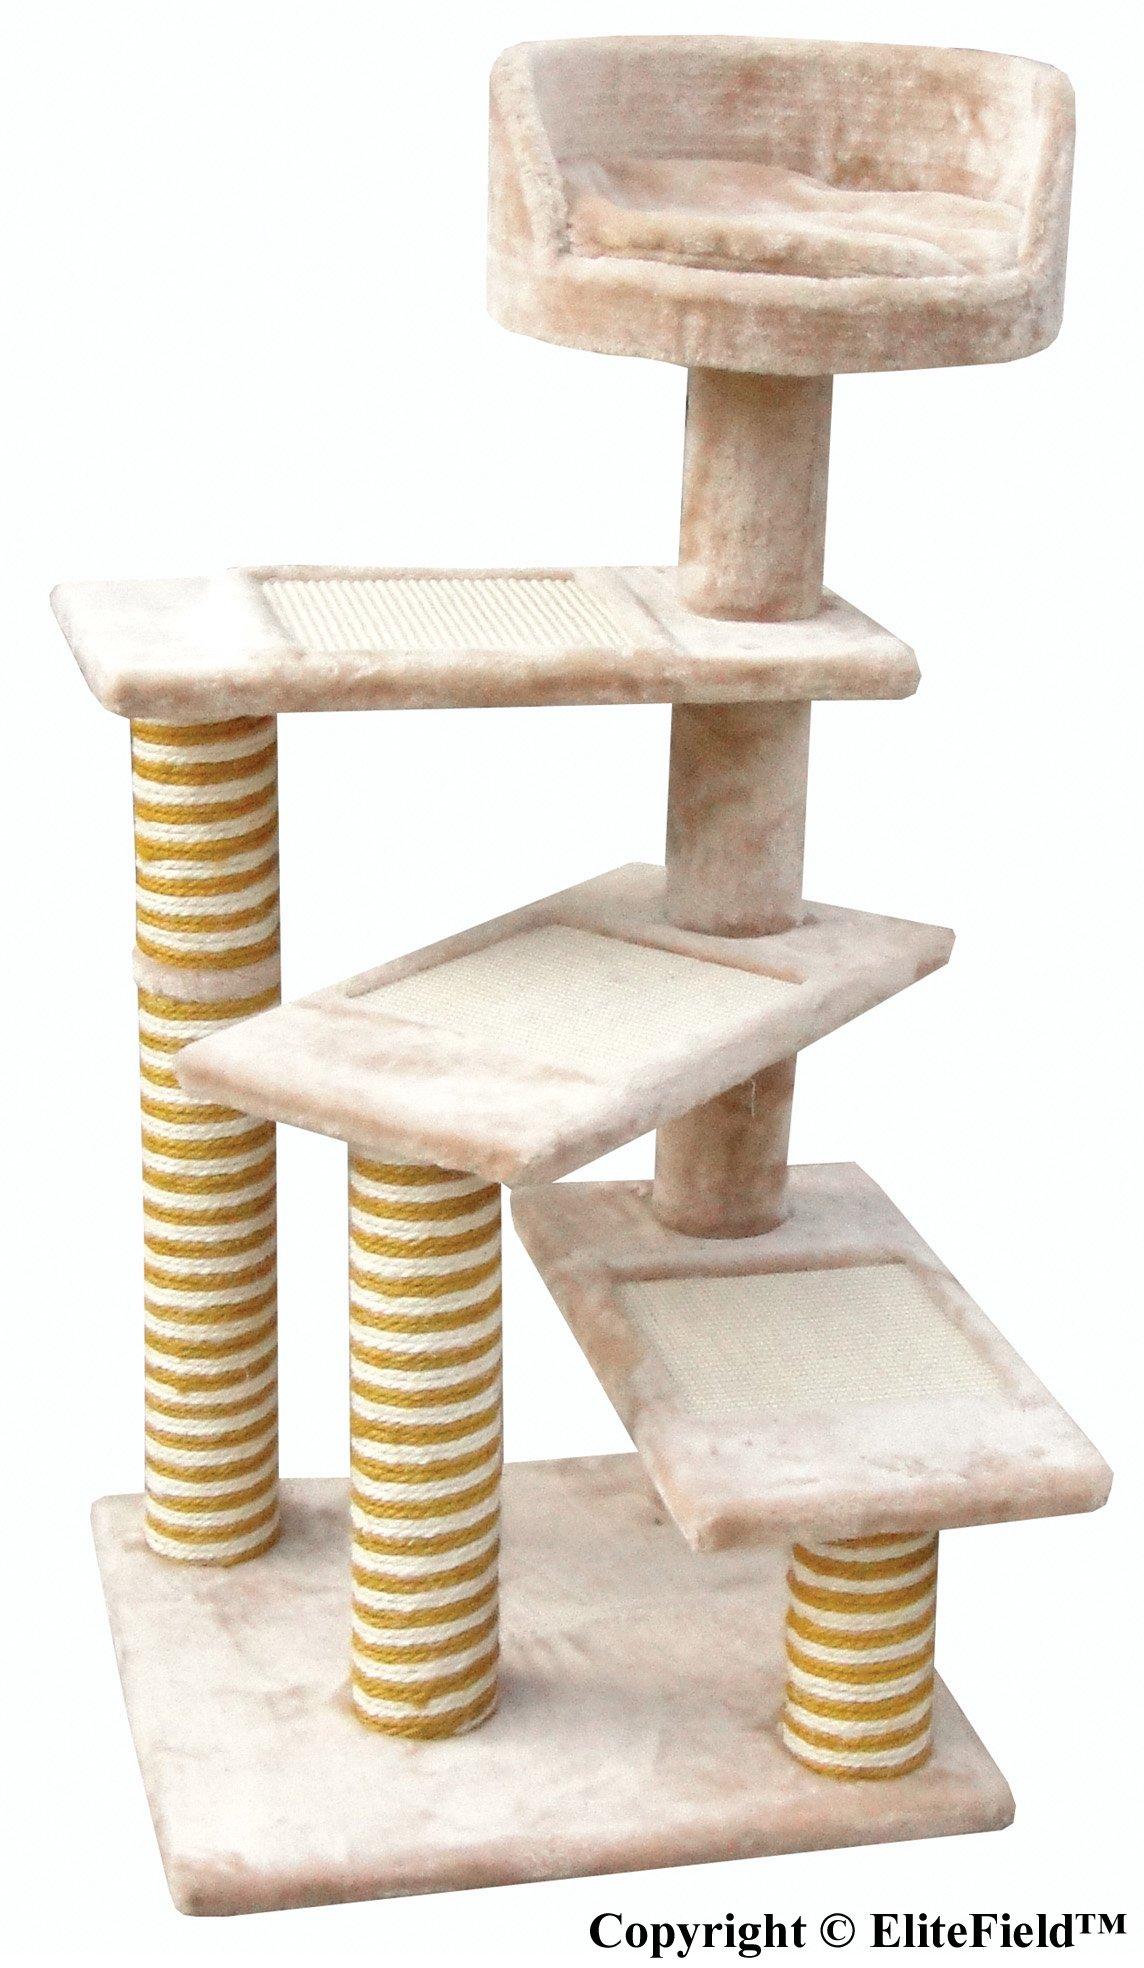 EliteField Cat Tree EFCT-4040, 20''L x 20''W x 40''H